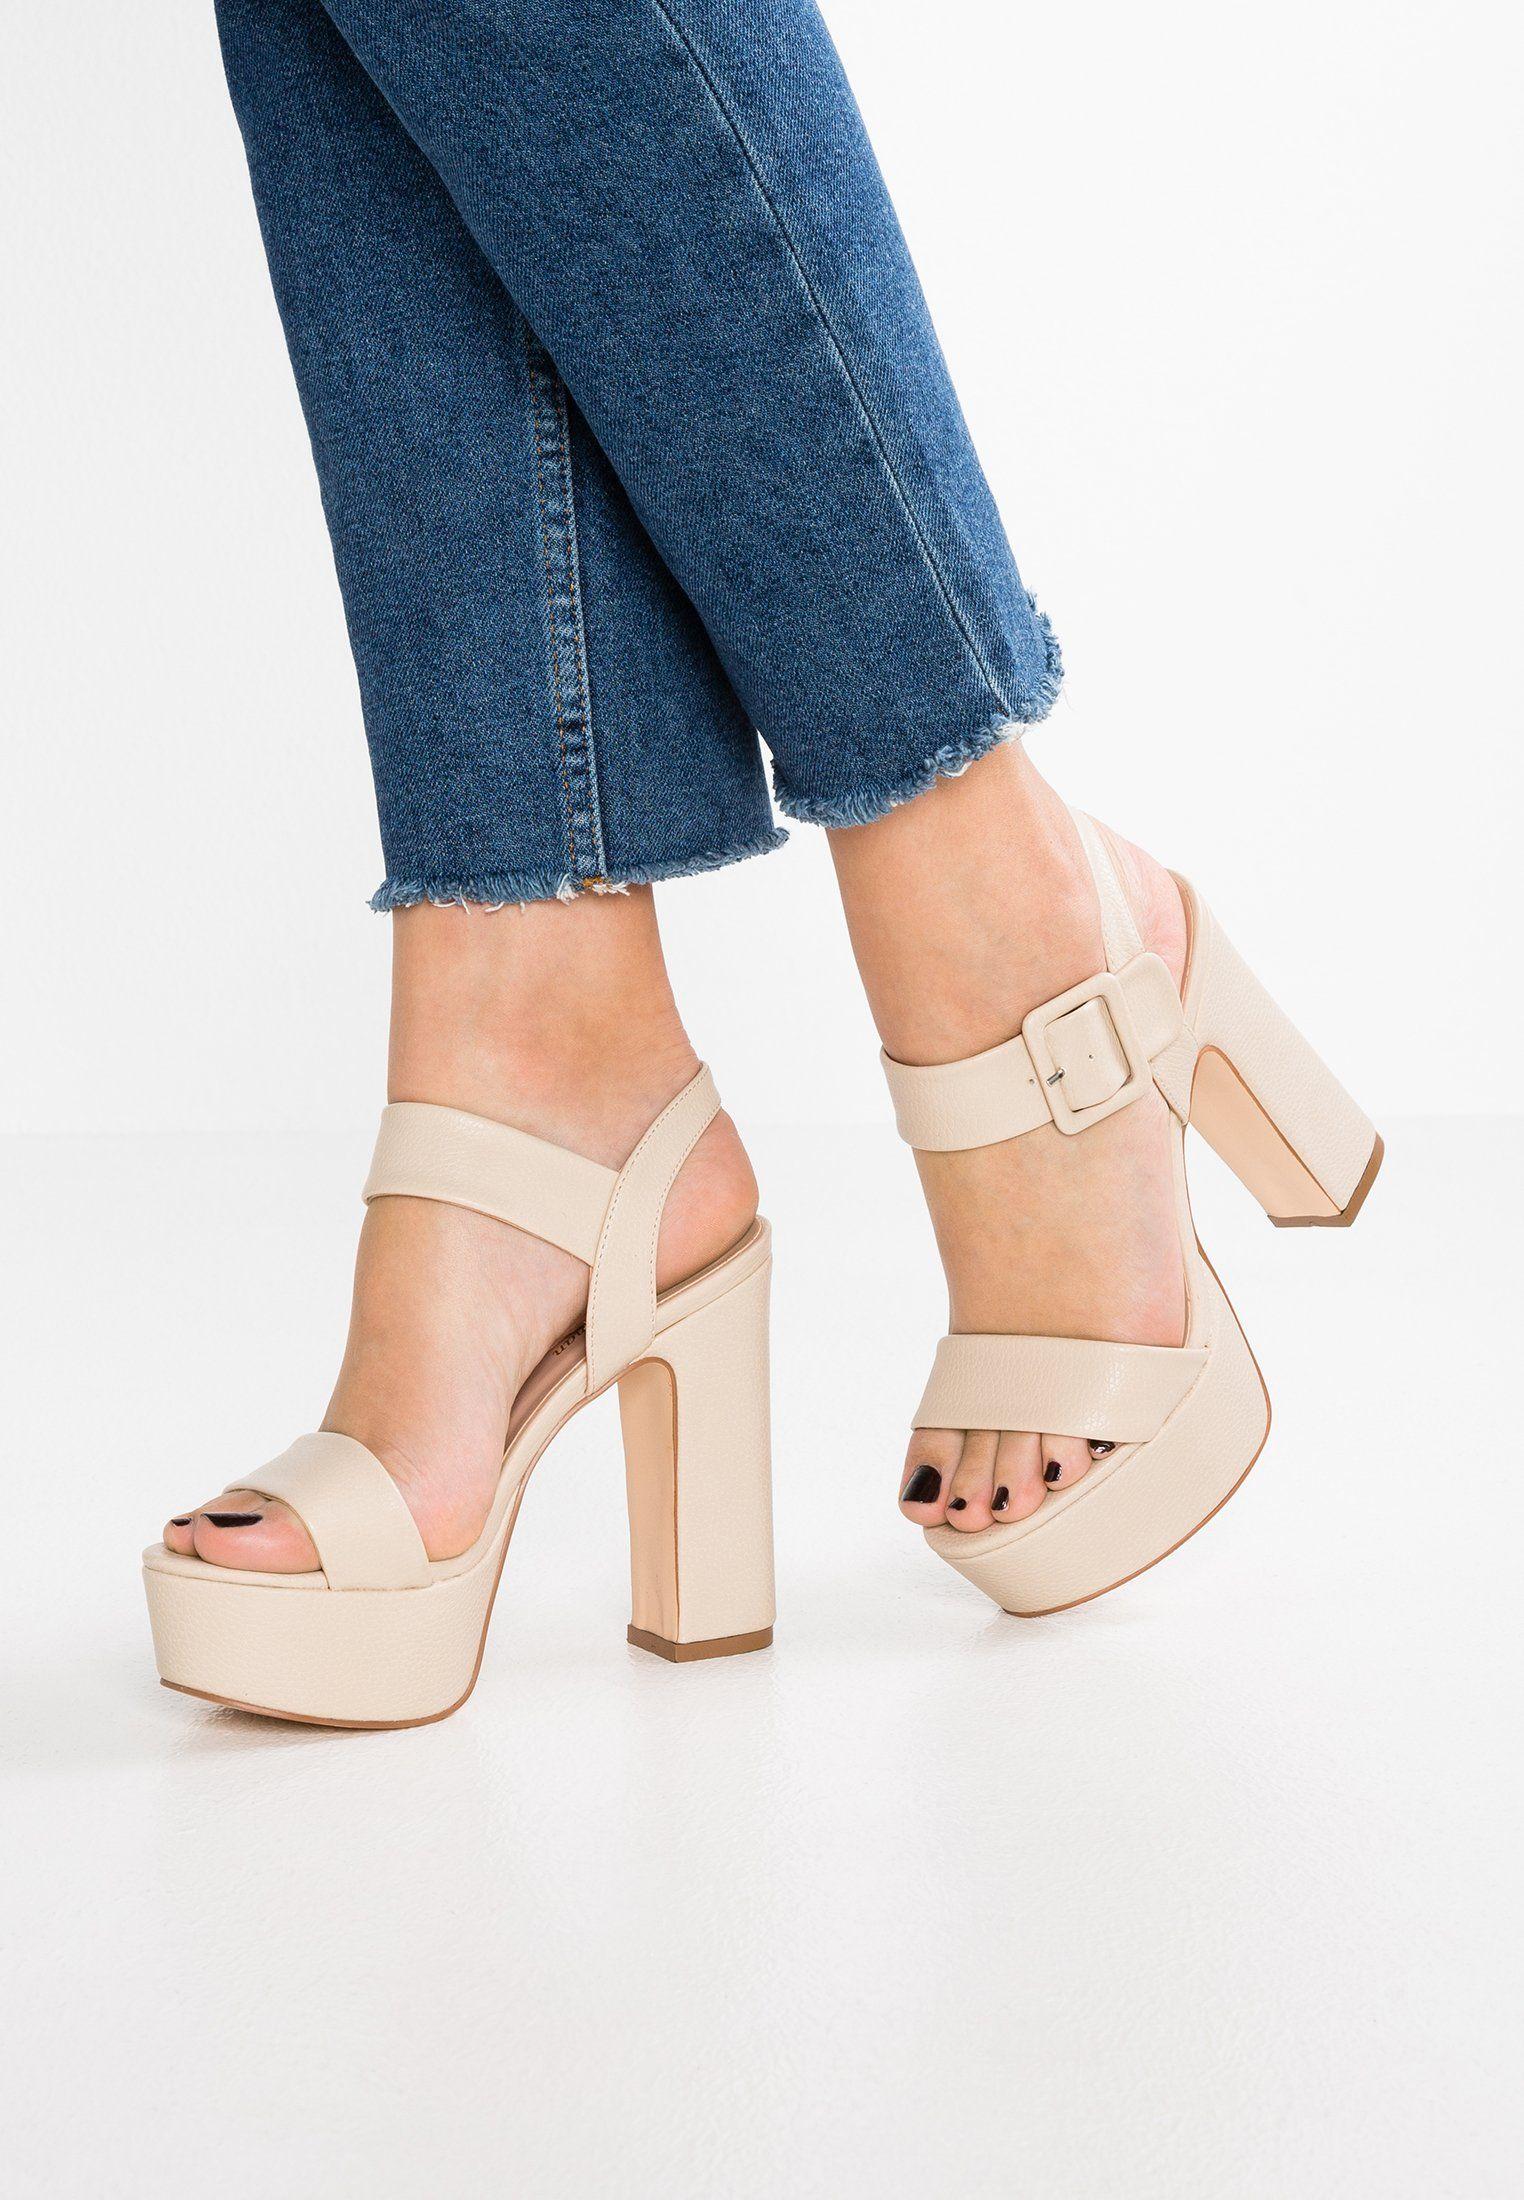 Tata Italia High heeled sandals - beige tTTn4Q9k